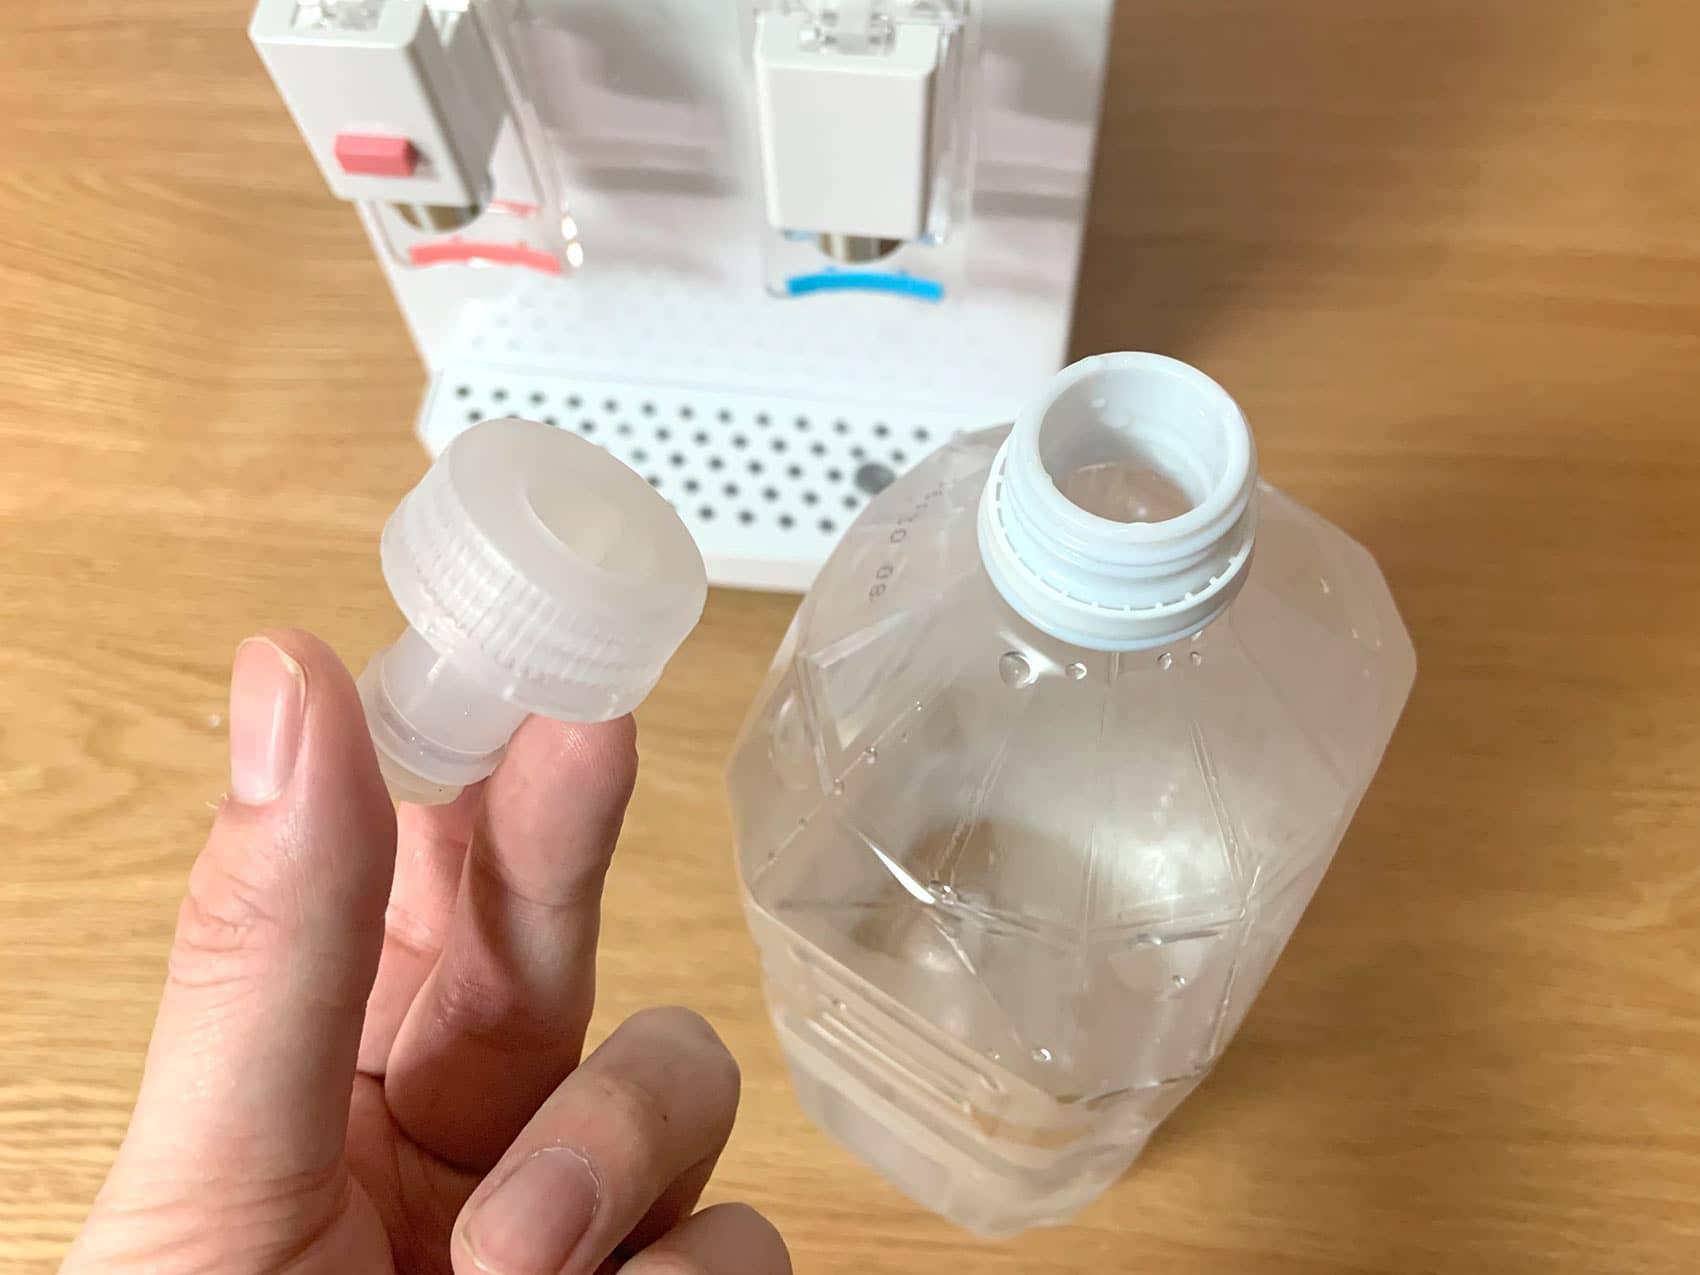 「AQUACUBE2」のキャップをペットボトルに取り付ける